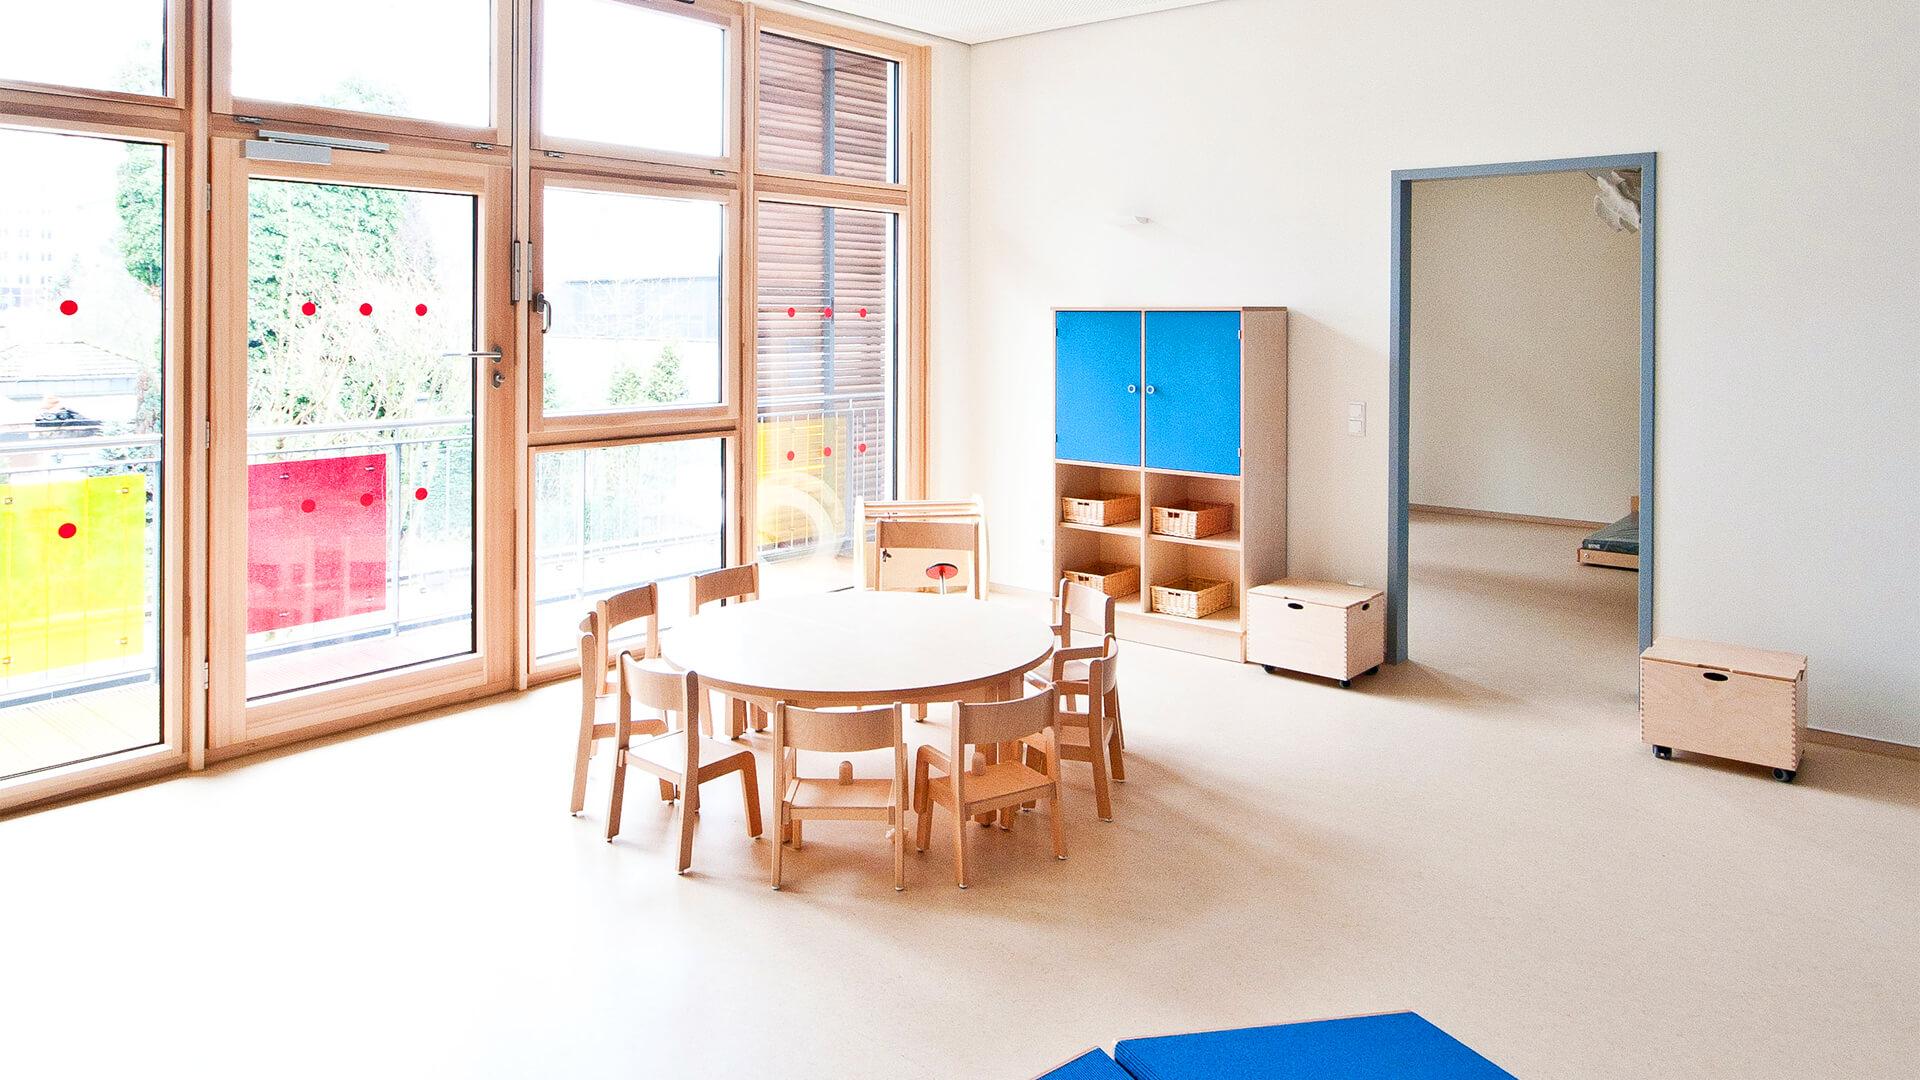 Große Fenster lassen die Sonne herein, die Räume bieten drinnen viel Platz für Freiraum und zur kreativen Entfaltung der Kinder